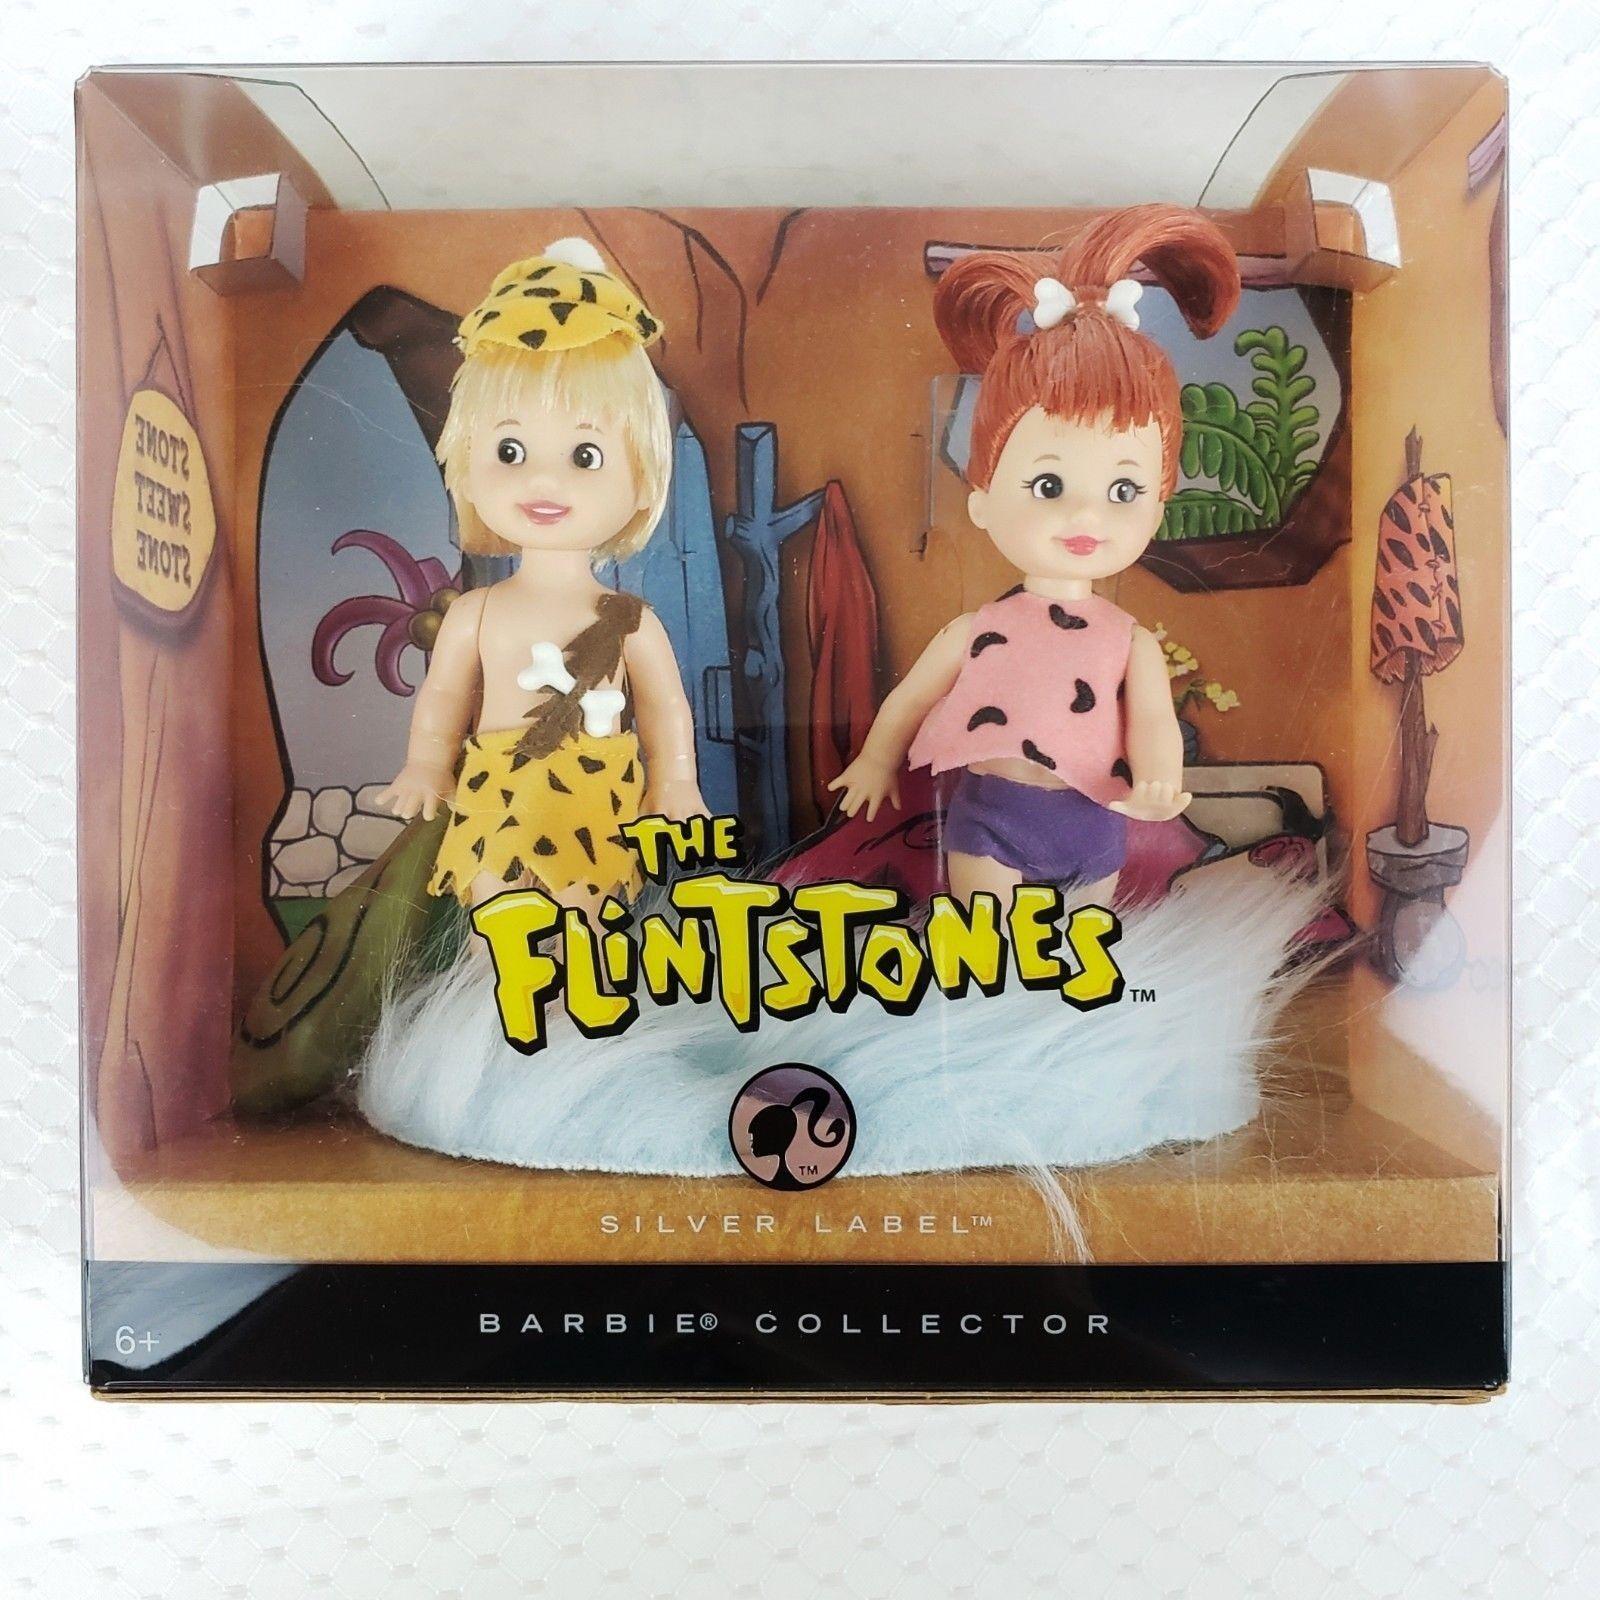 Los Picapiedra Pebbles & Bamm Bamm Muñecas Barbie Collector Collector Collector Edición Plata Nueva  excelentes precios